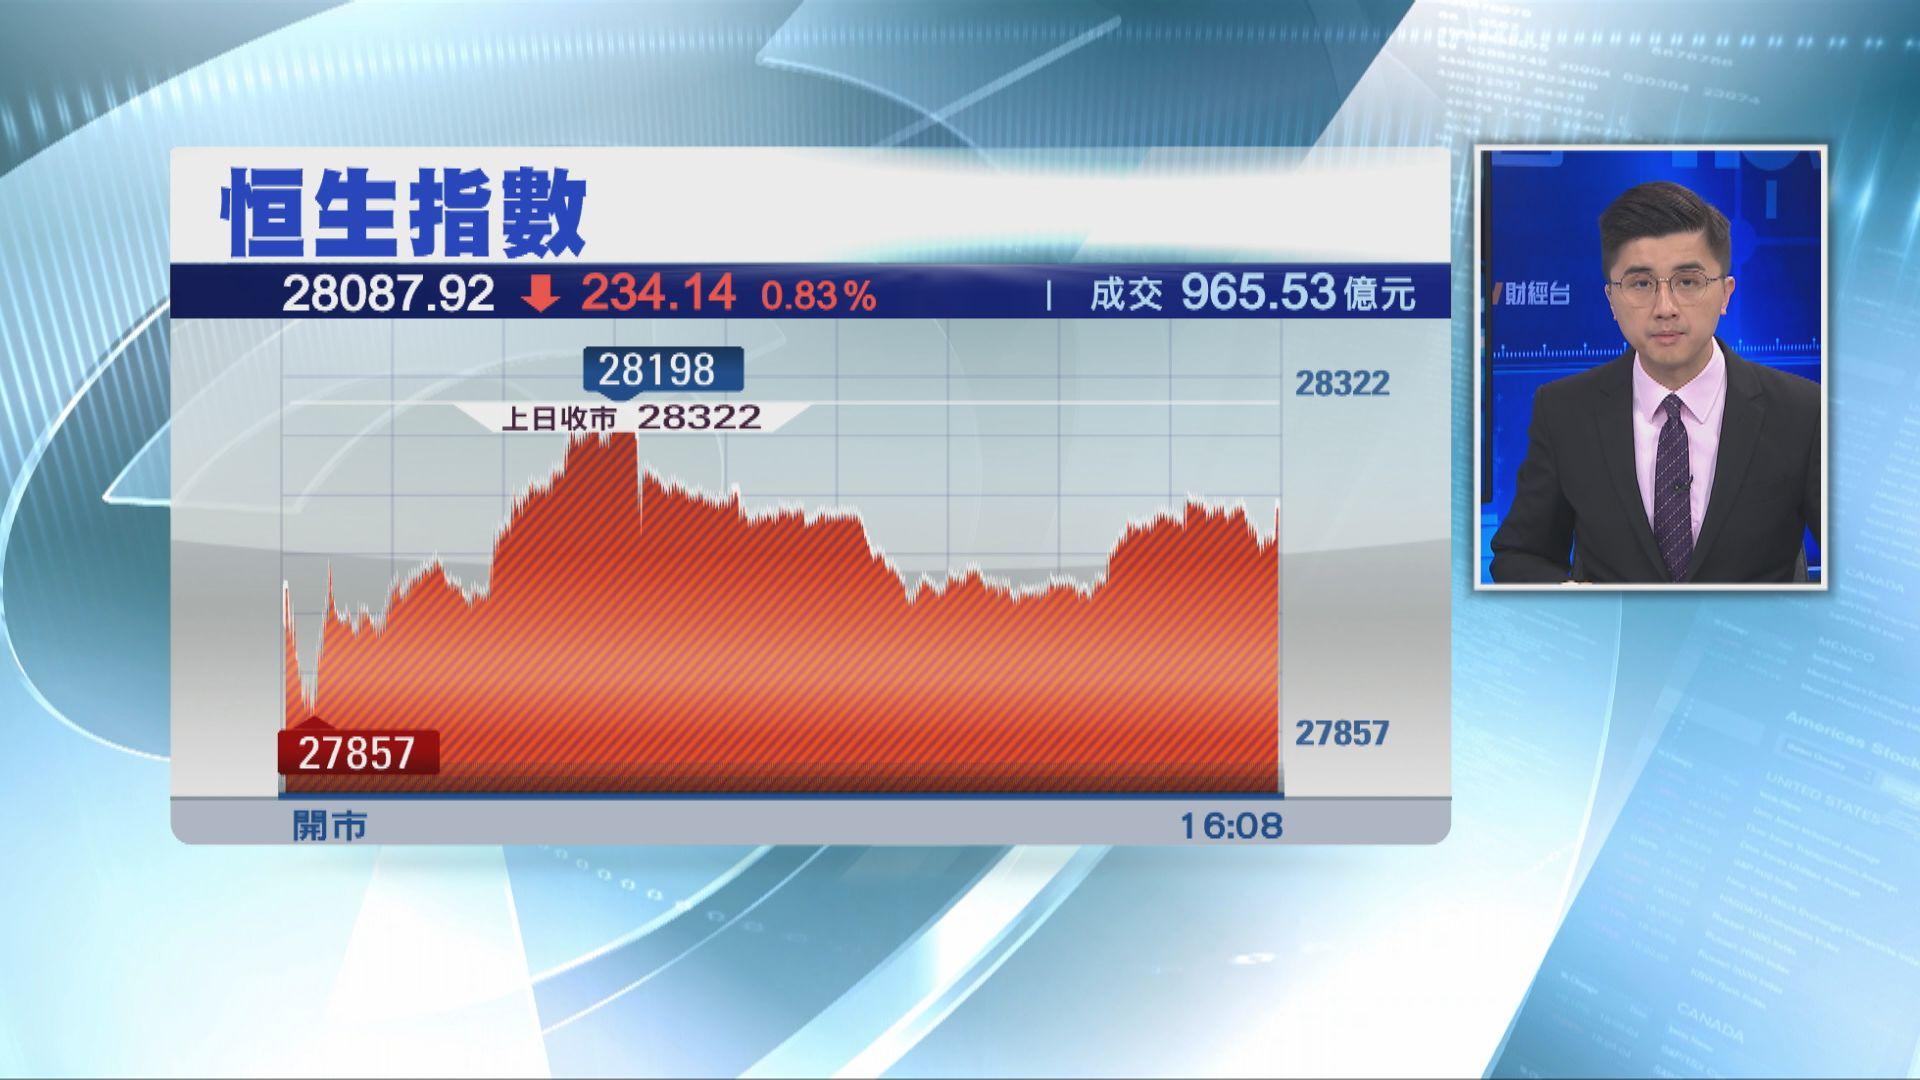 【伊朗報復】金融市場震盪 恒指跌234點